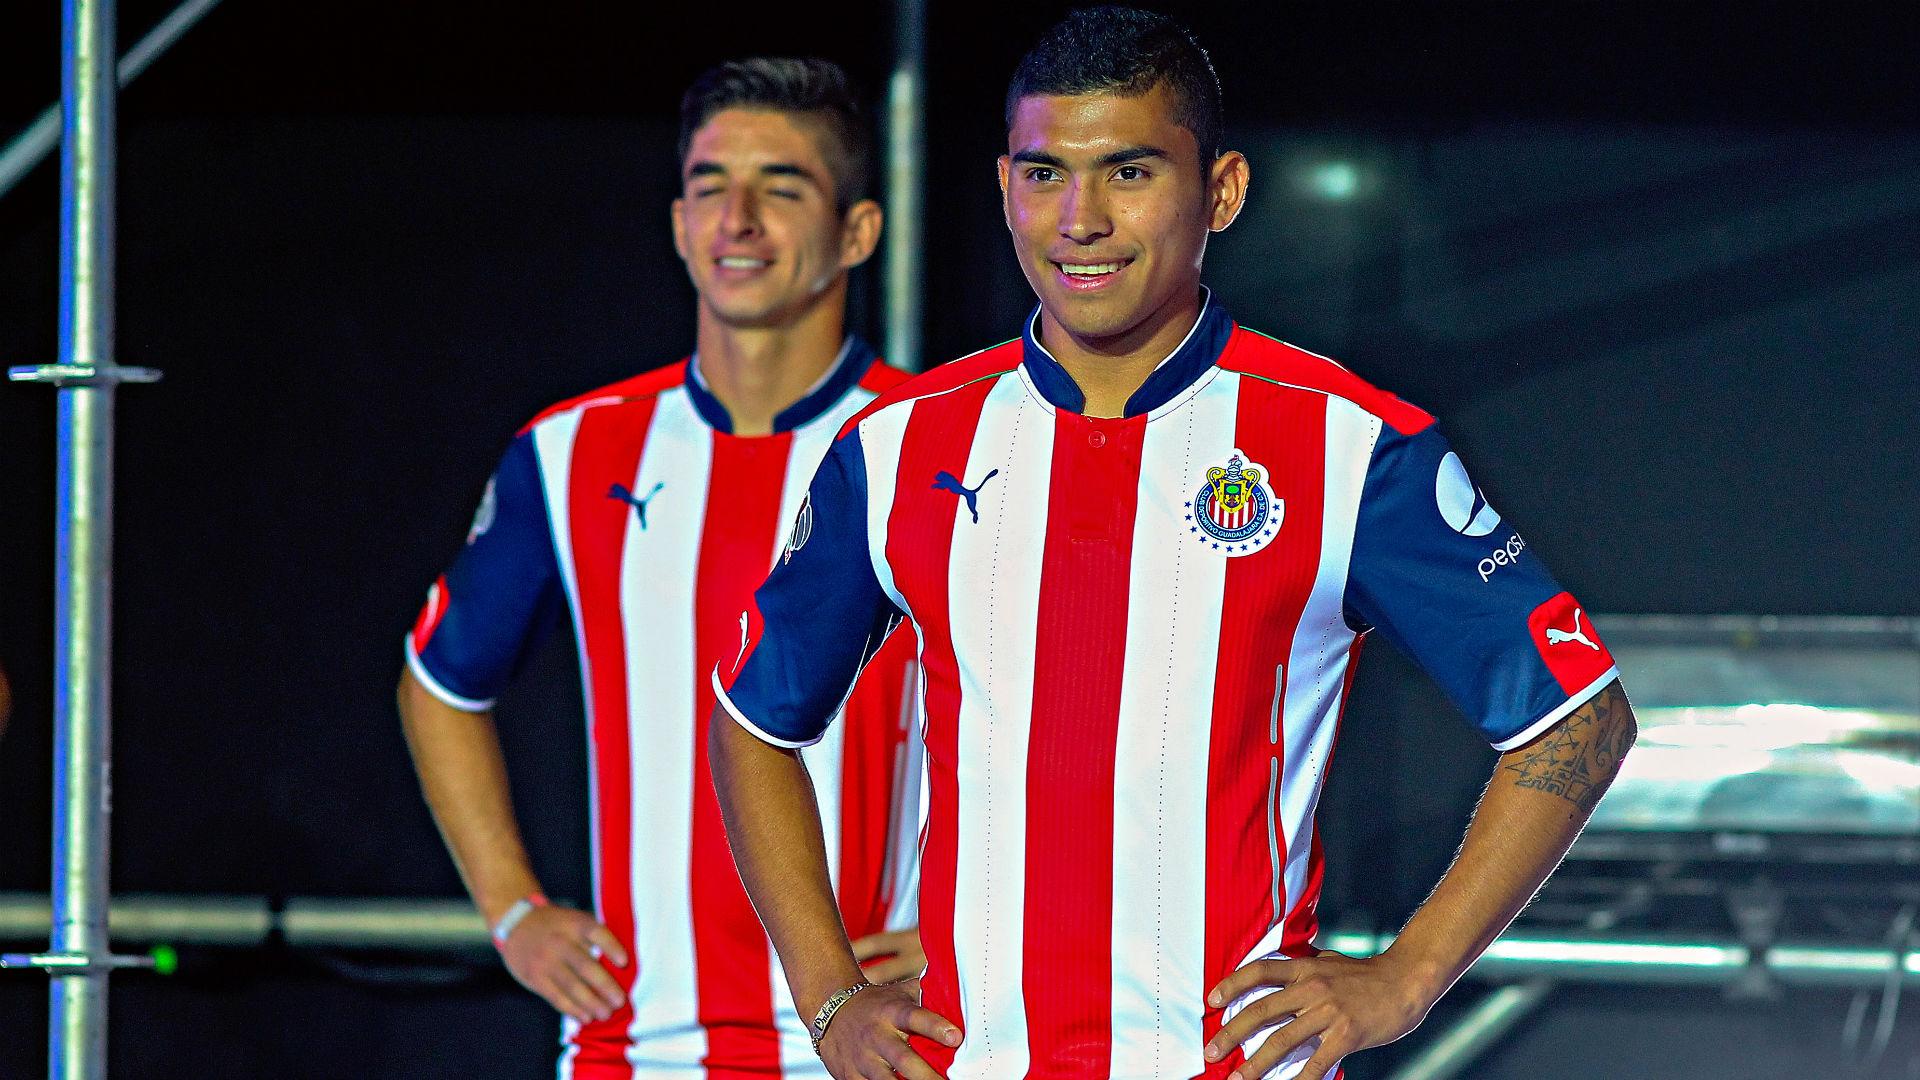 Los uniformes del Apertura 2016 - Goal.com